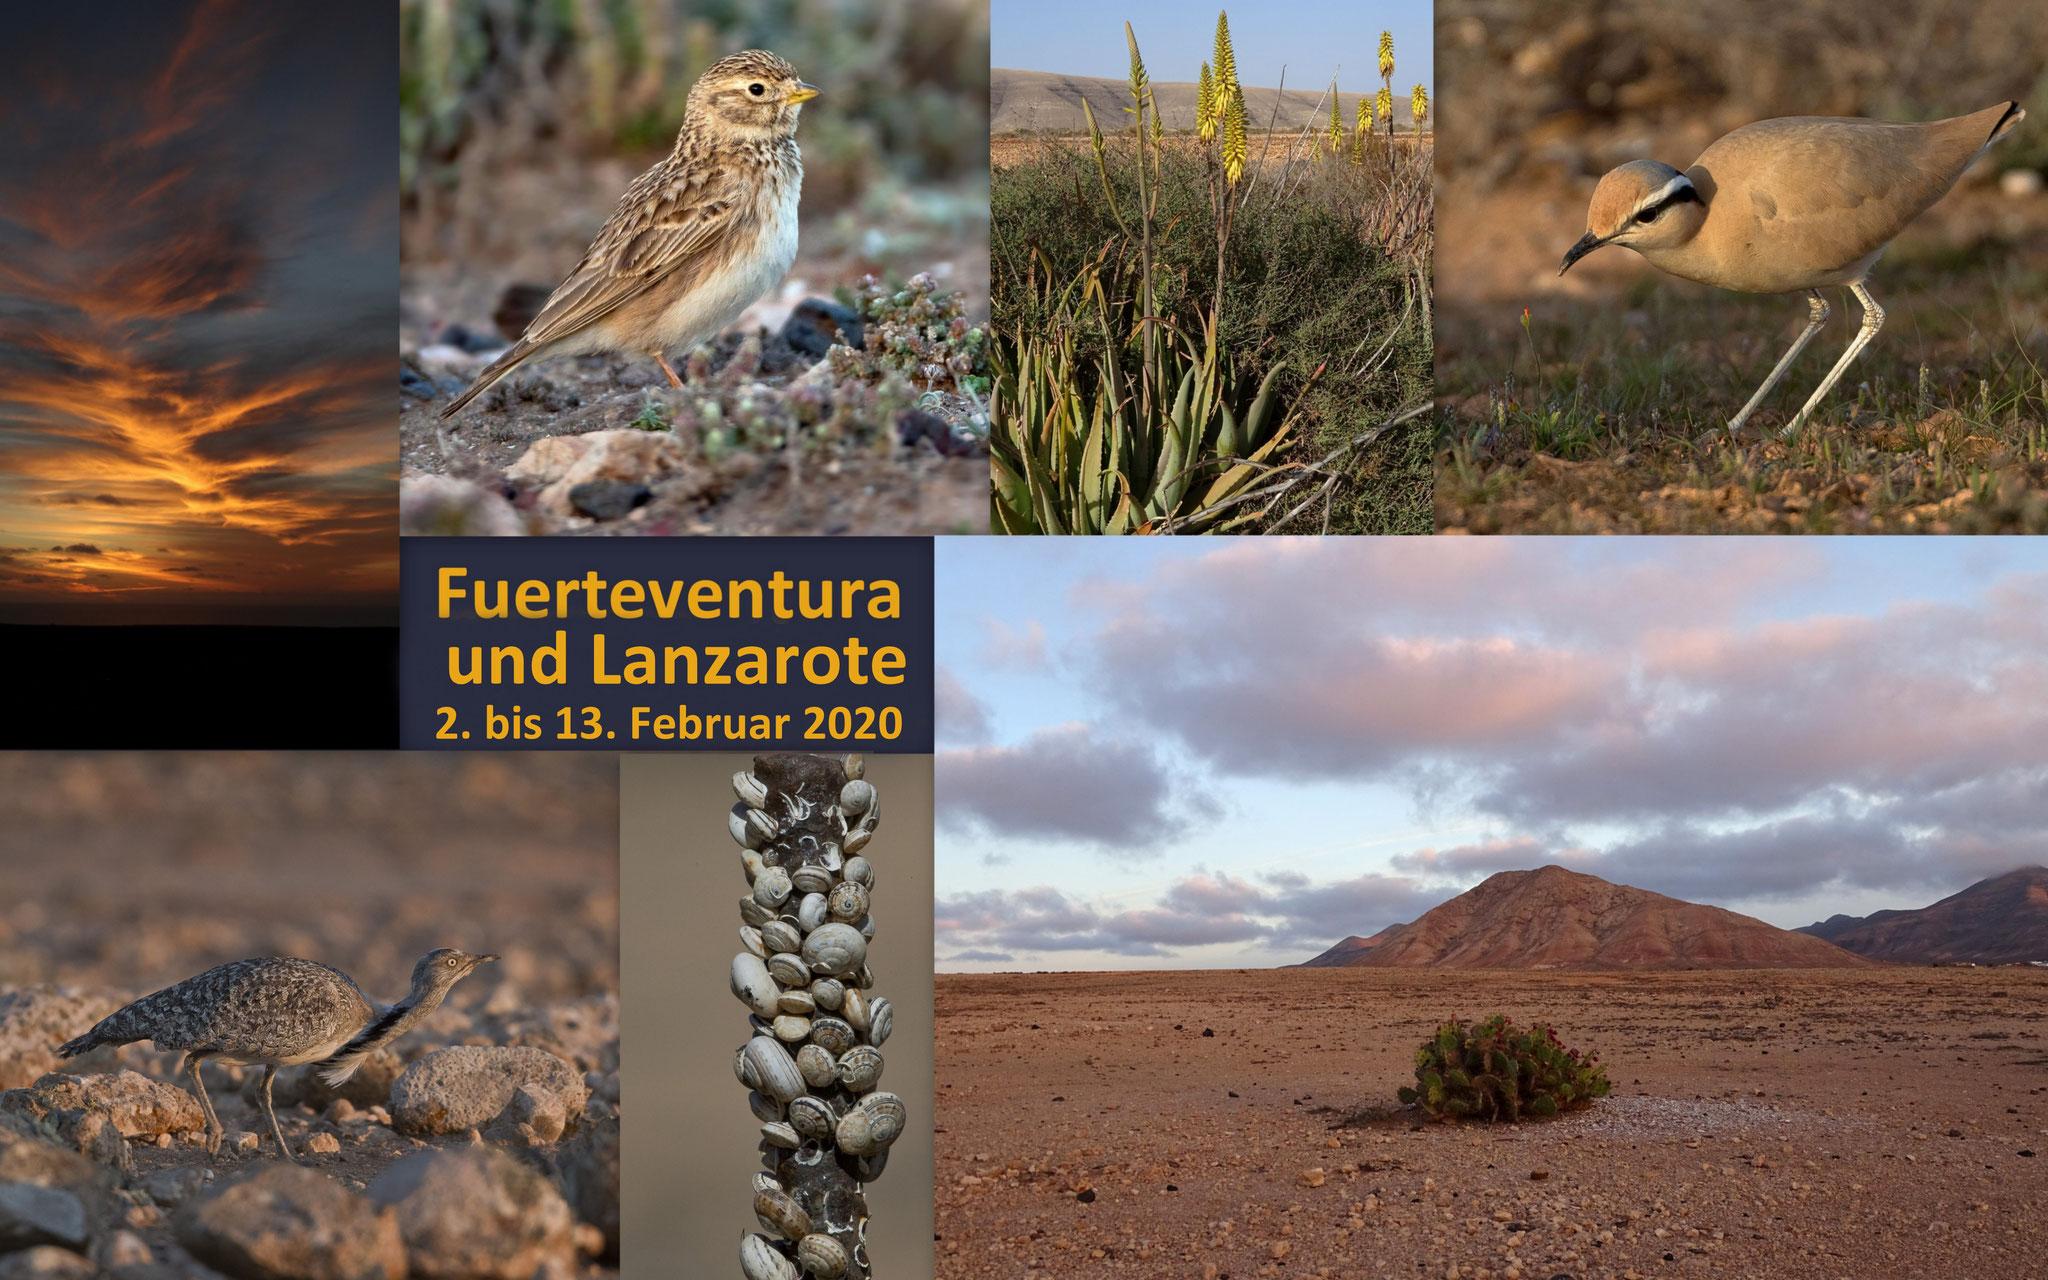 Als wir anfangs Februar nach Fuerteventura flogen, war Corona in Europa noch kein Thema - zum Glück!